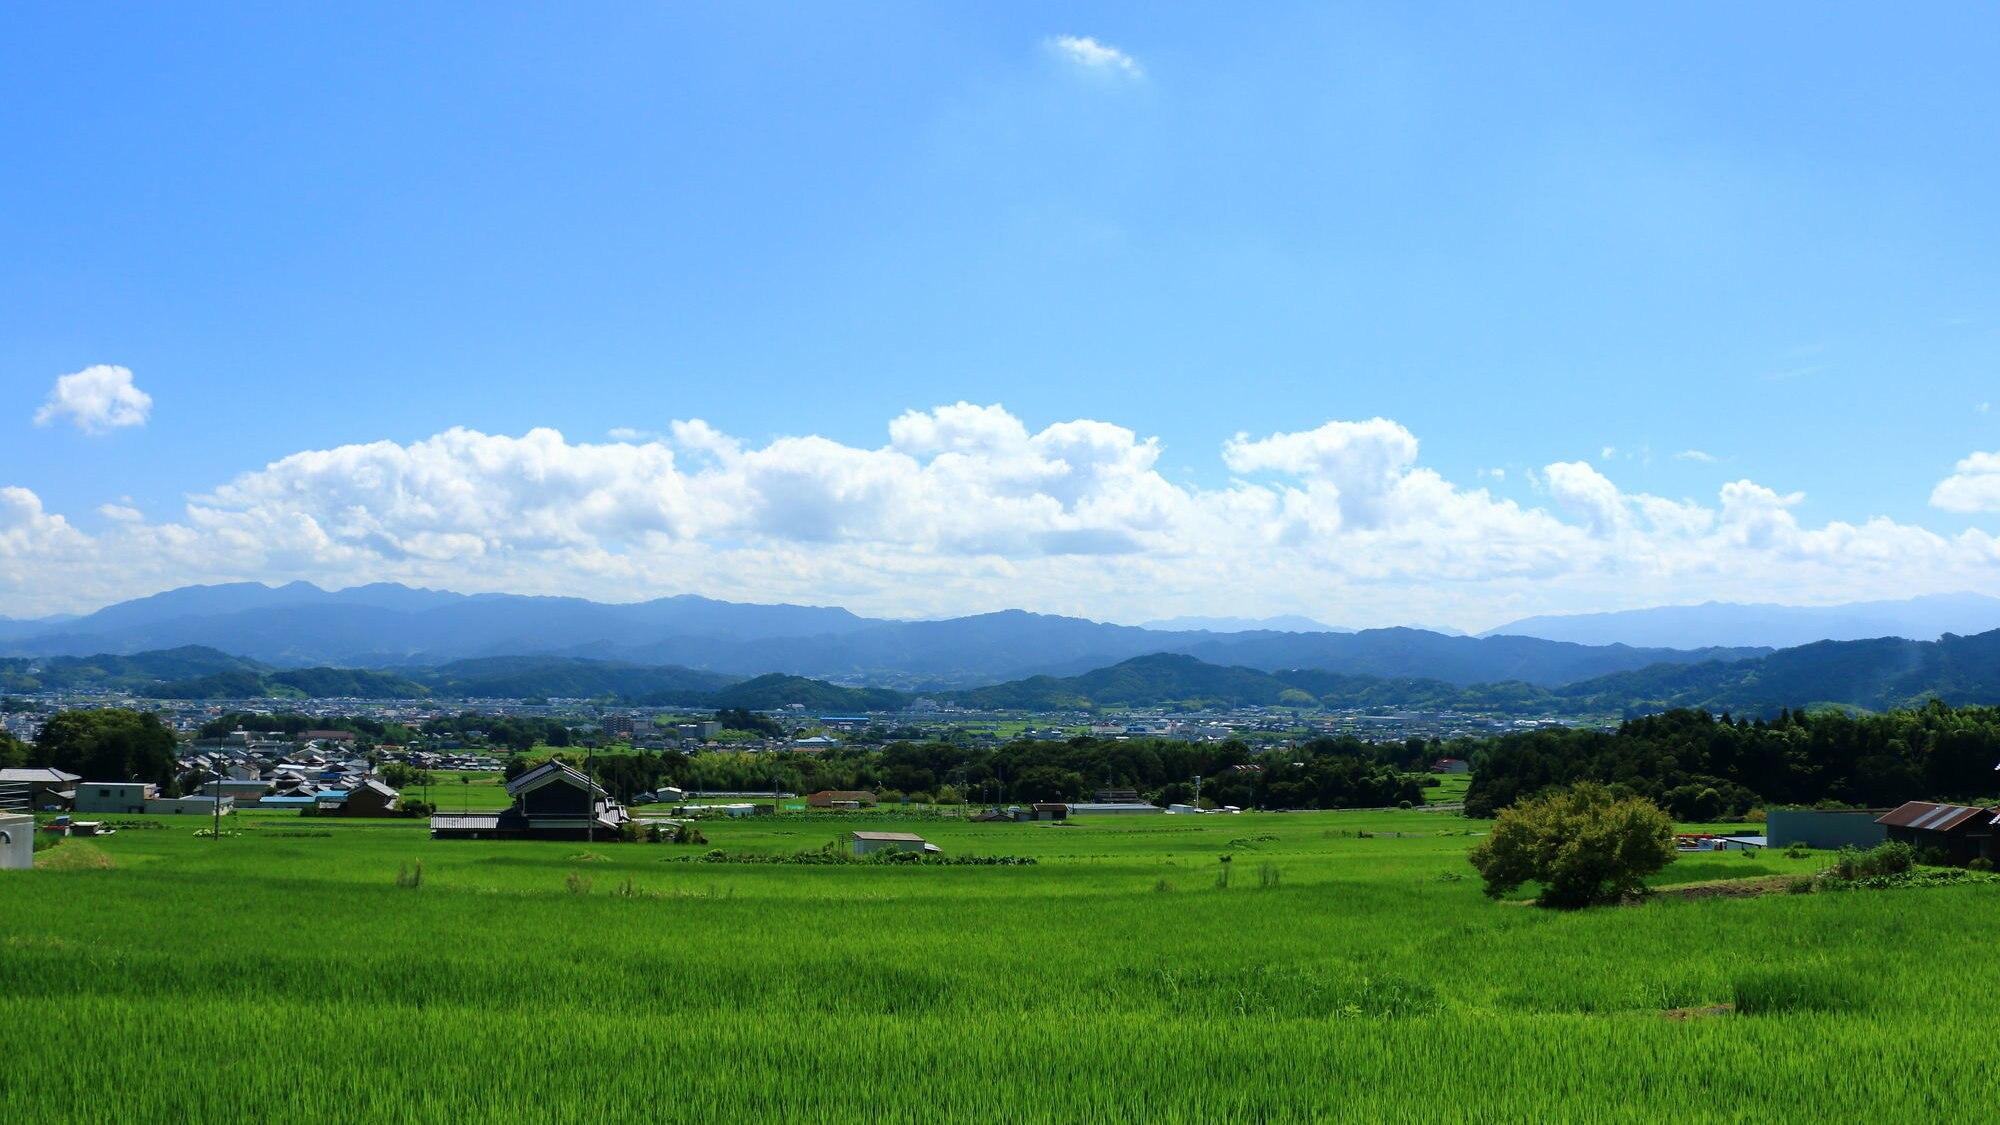 葛城山と金剛山の麓・神話と薬の歴史にあふれる奈良県御所市の観光名所5選